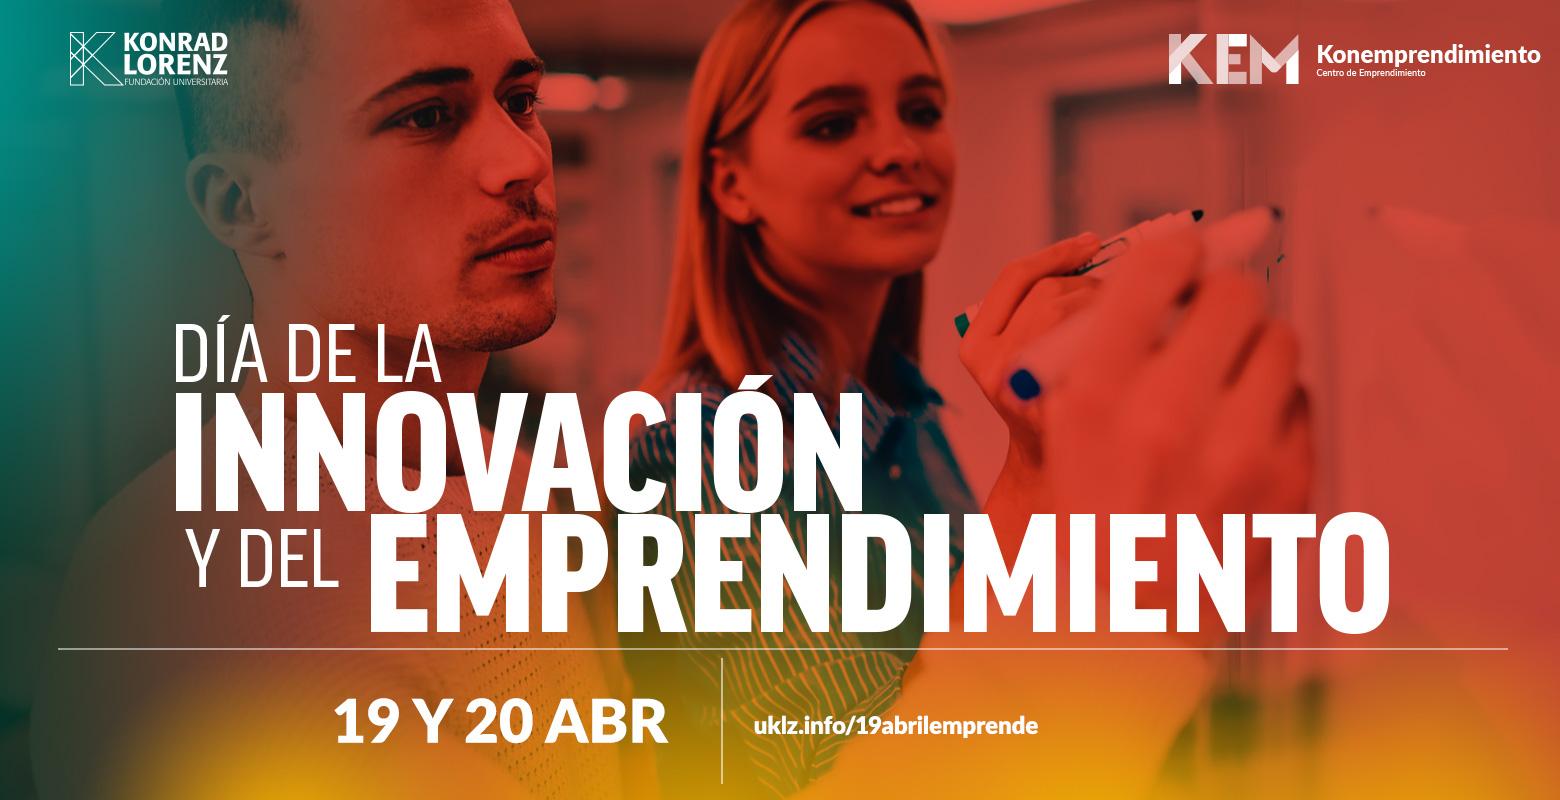 Día de la innovación y el Emprendimiento